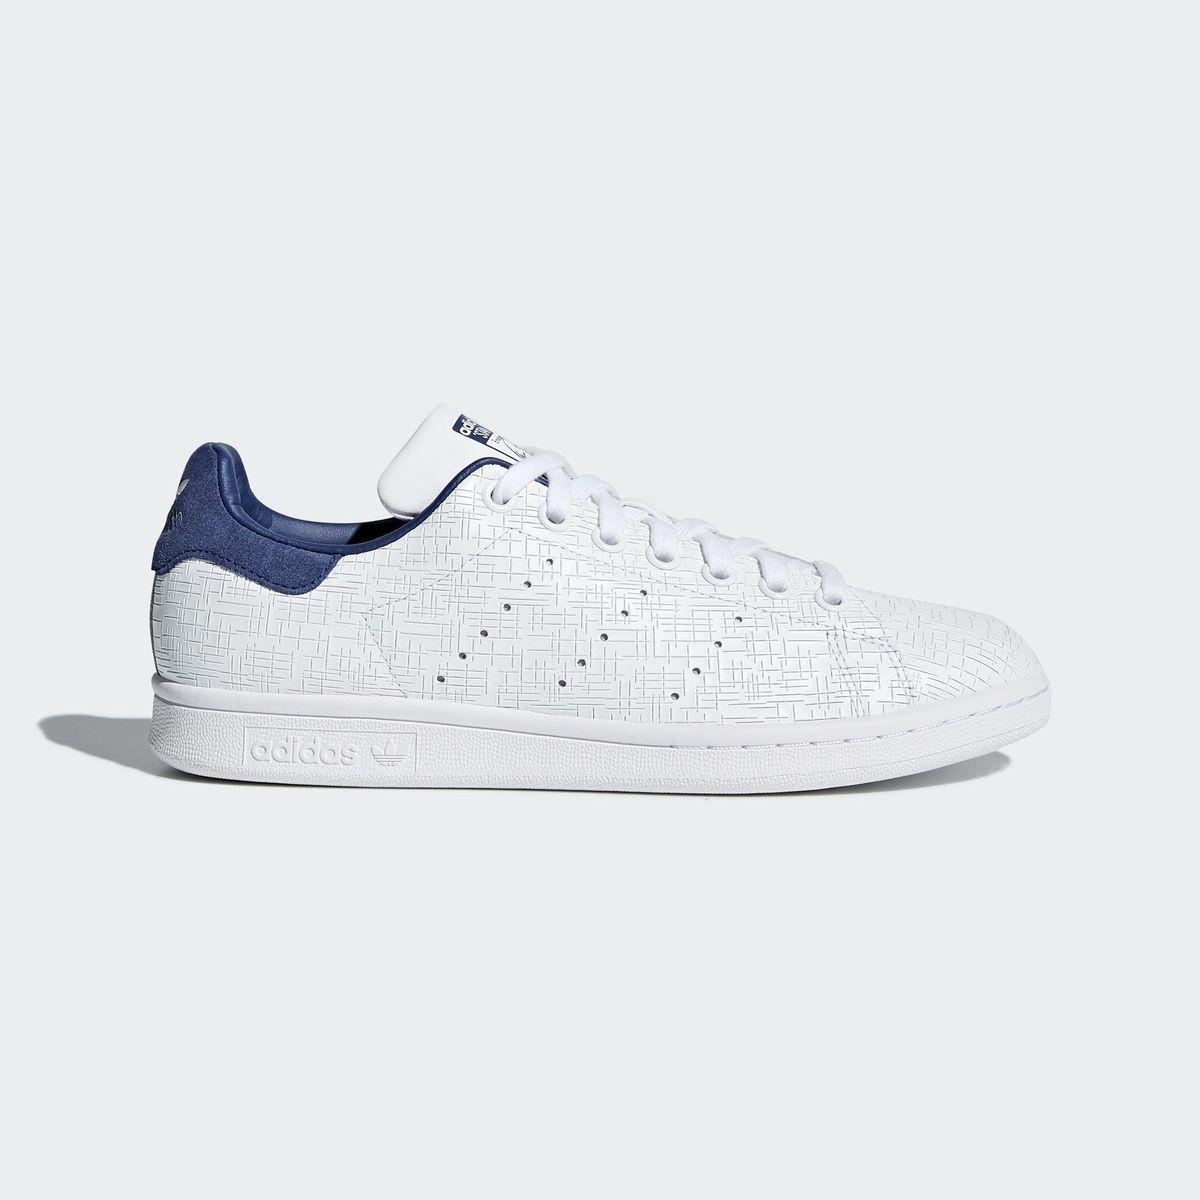 Meilleures Stan Smith femme : notre sélection de baskets adidas